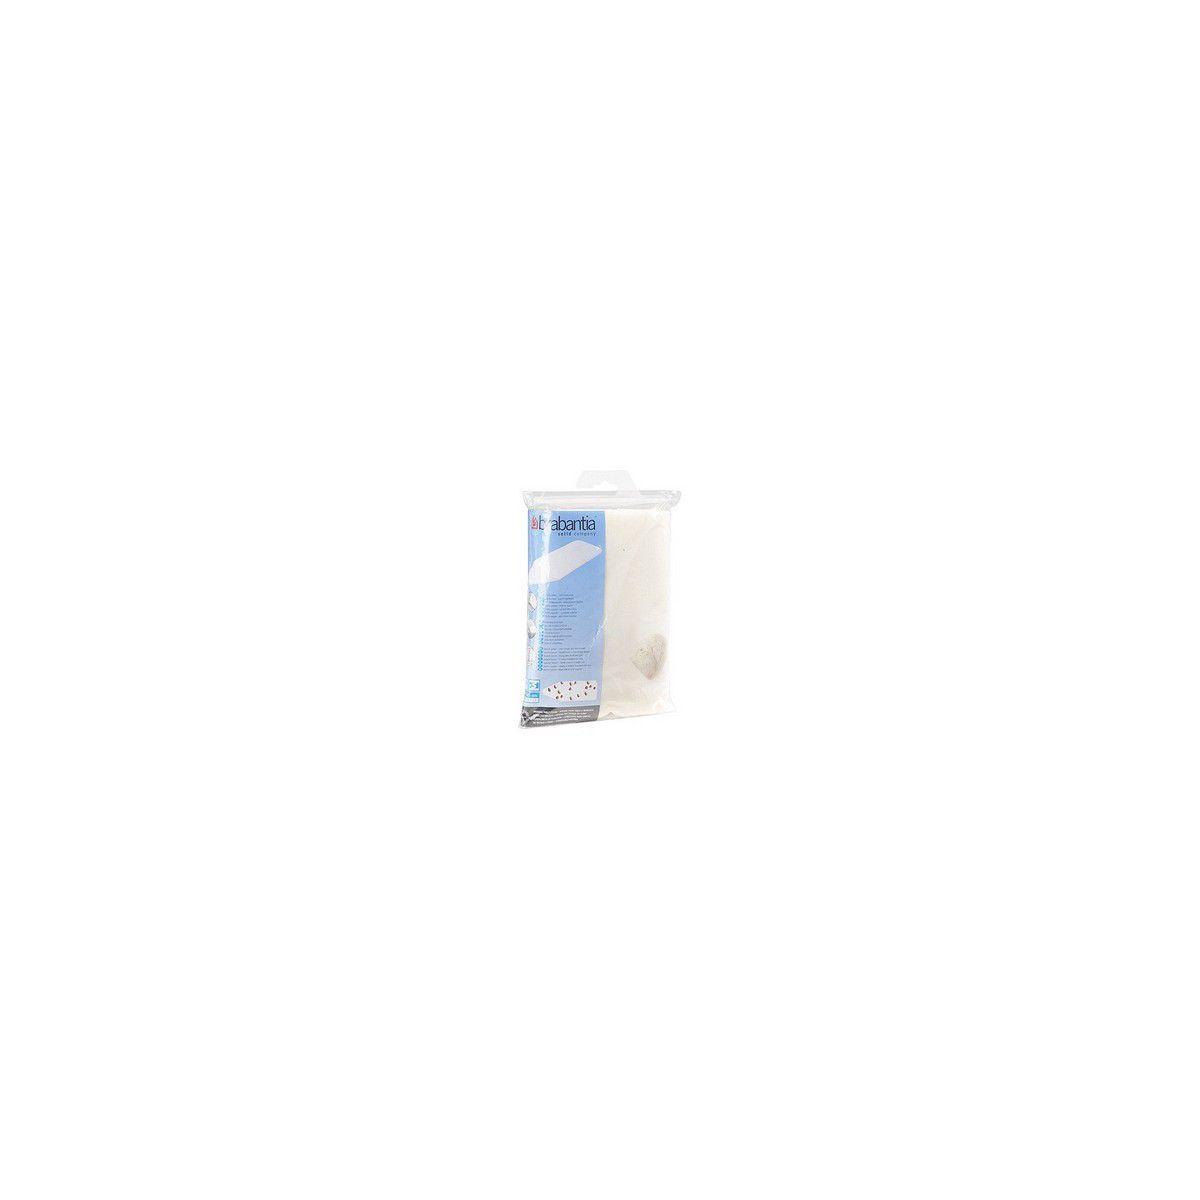 Housse brabantia 19.15.27 avec mousse, 124x45